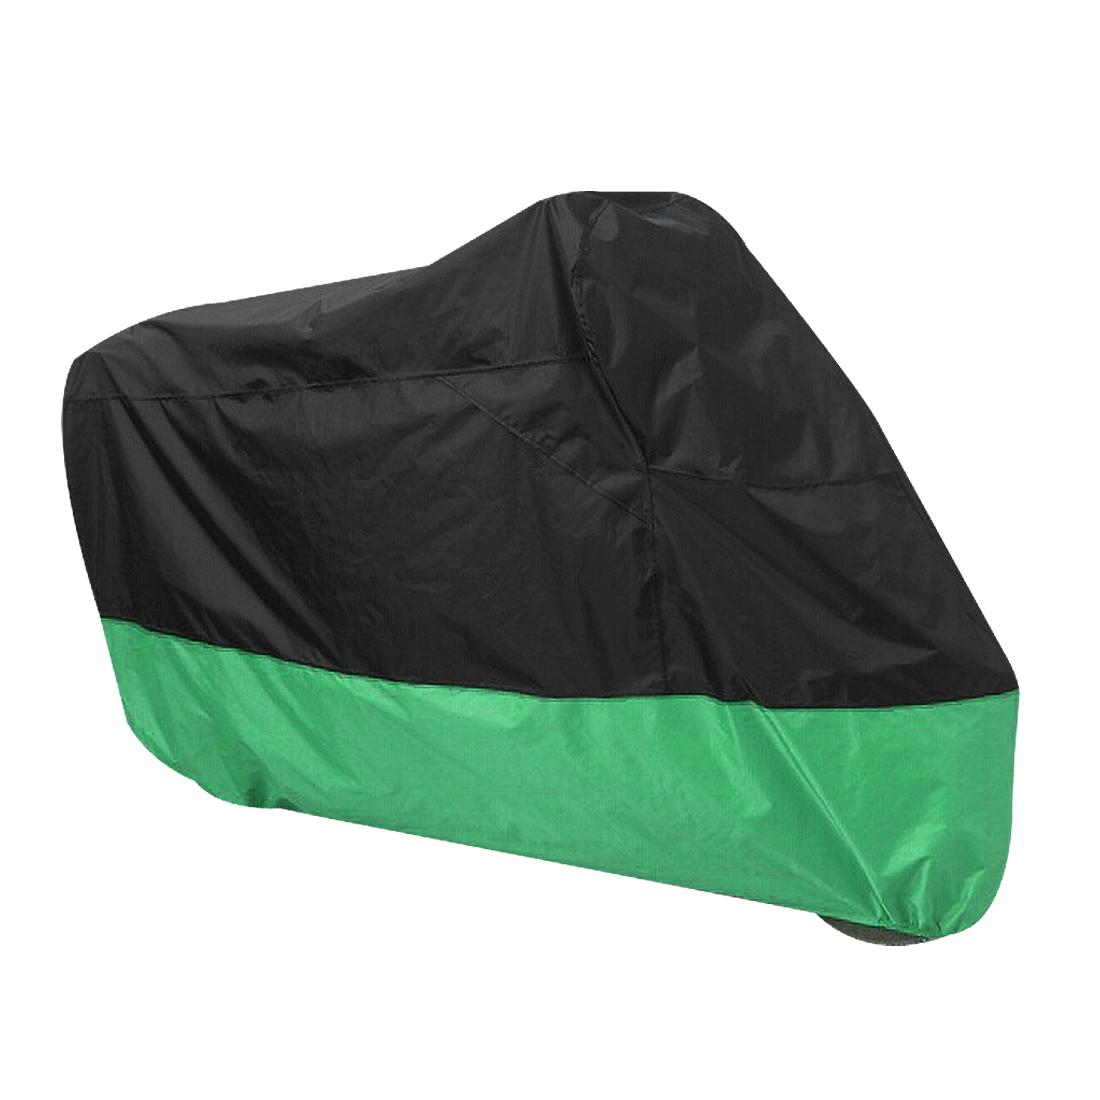 Motorcycle Motorbike Rain Dust Resistant Waterproof Storage Cover Black Green